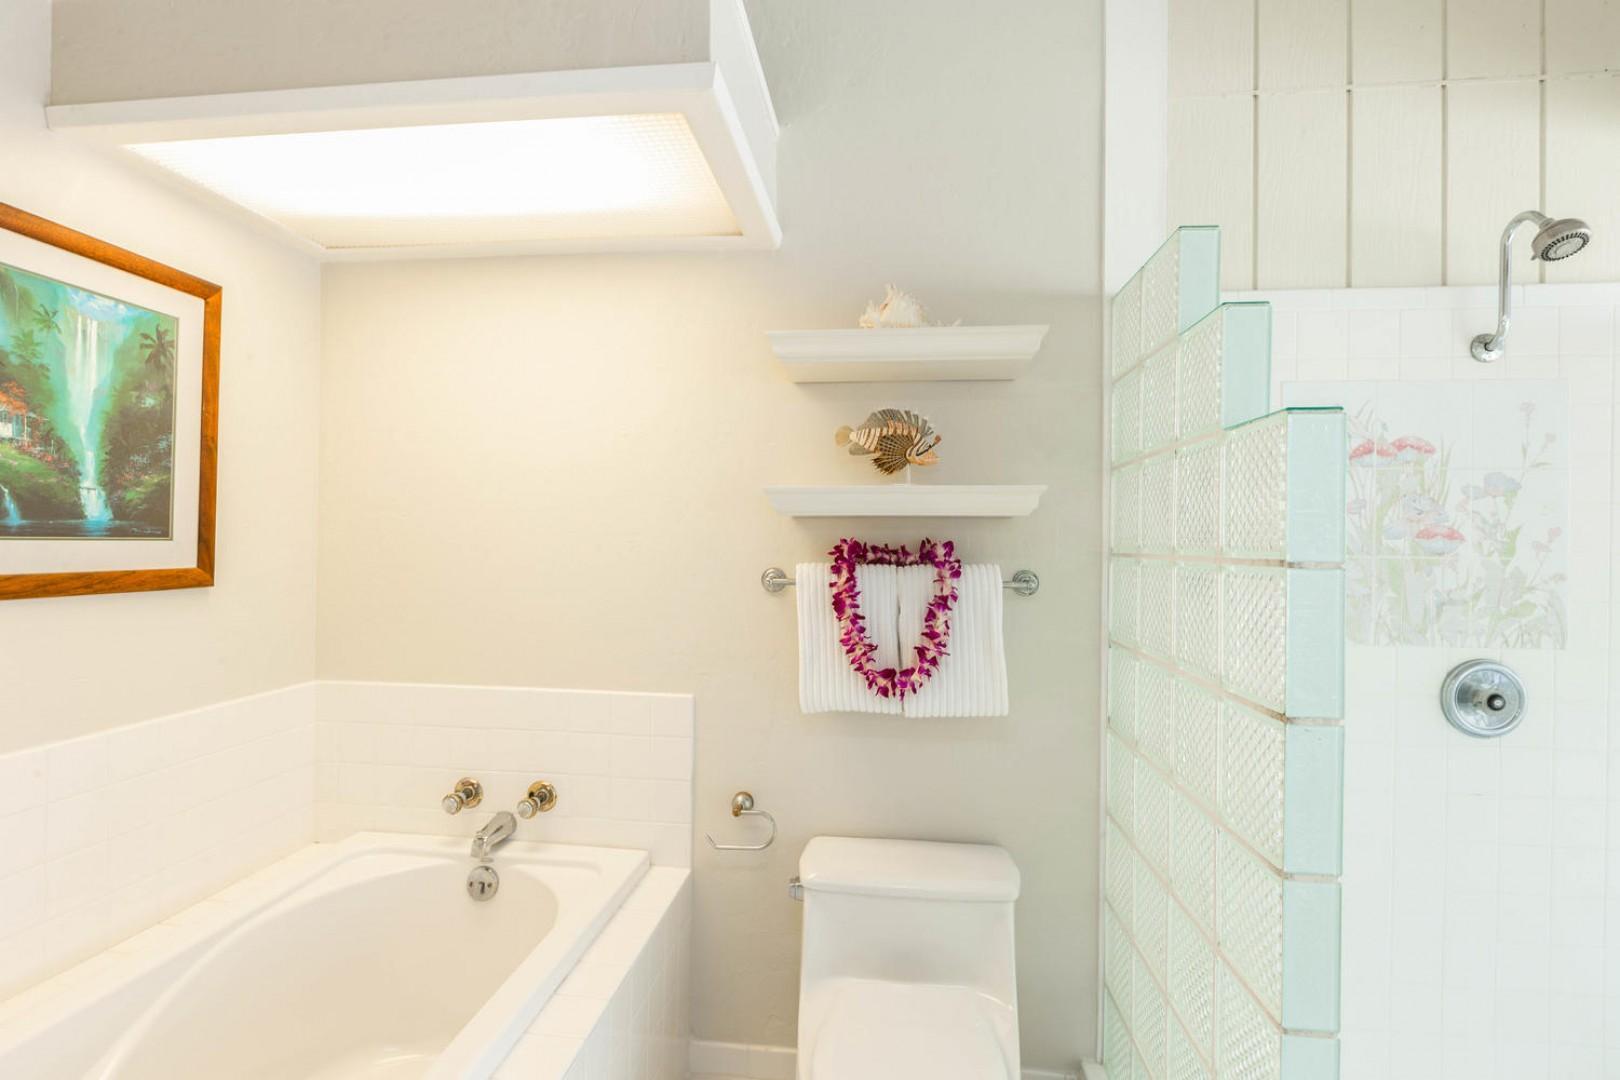 Enjoy a soak in the bathtub